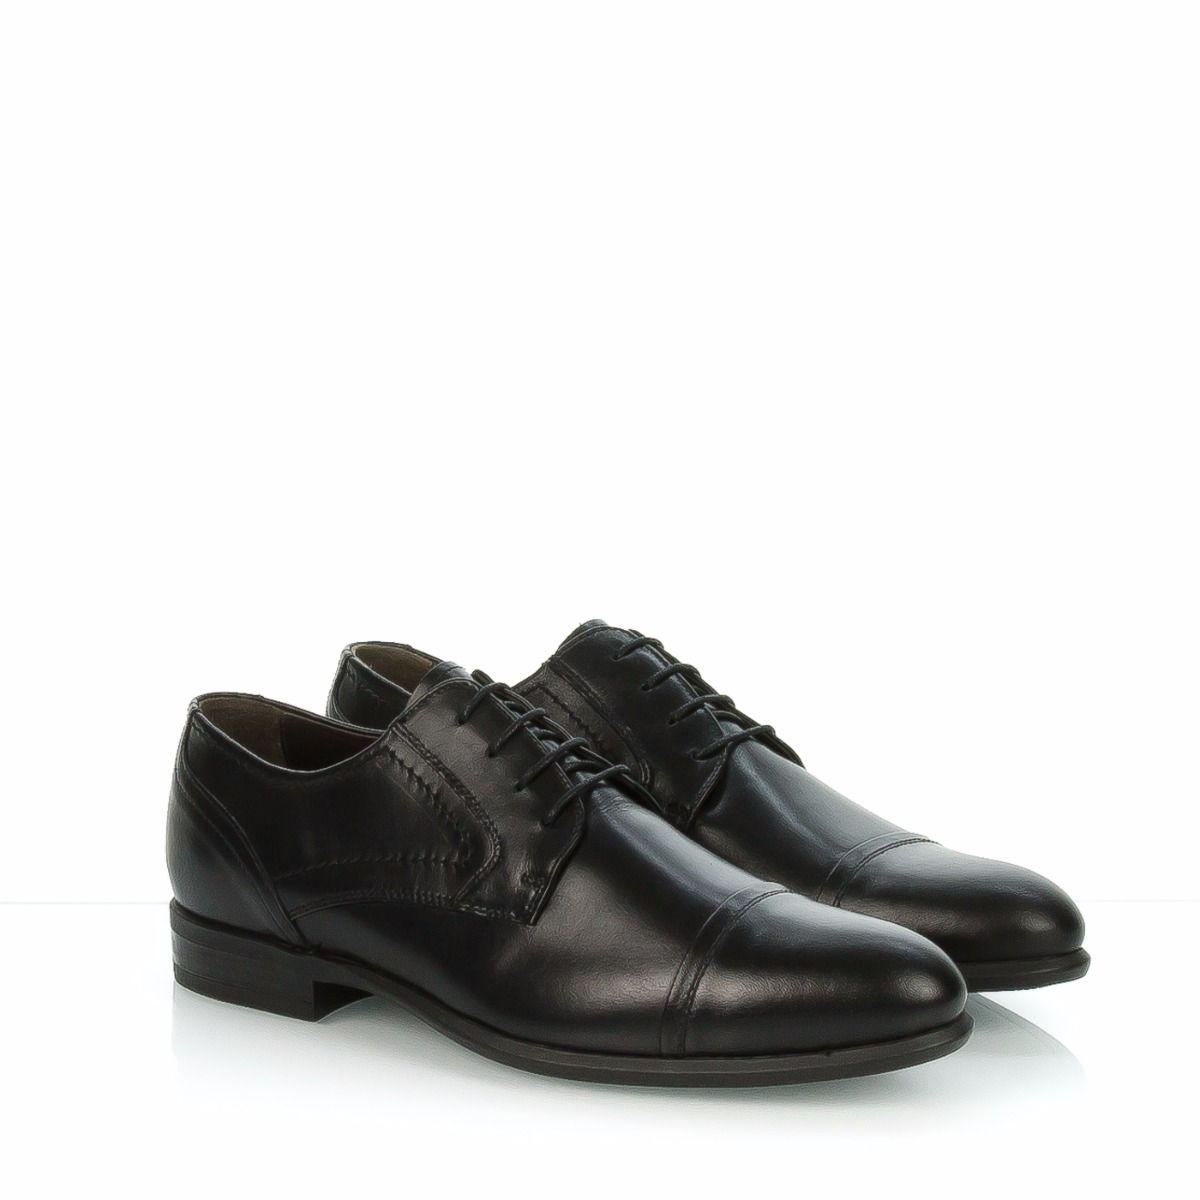 Nero giardini scarpa stringata uomo a705201u pelle nero spedizione gratuita shop online shoe center - Scarpa uomo nero giardini ...